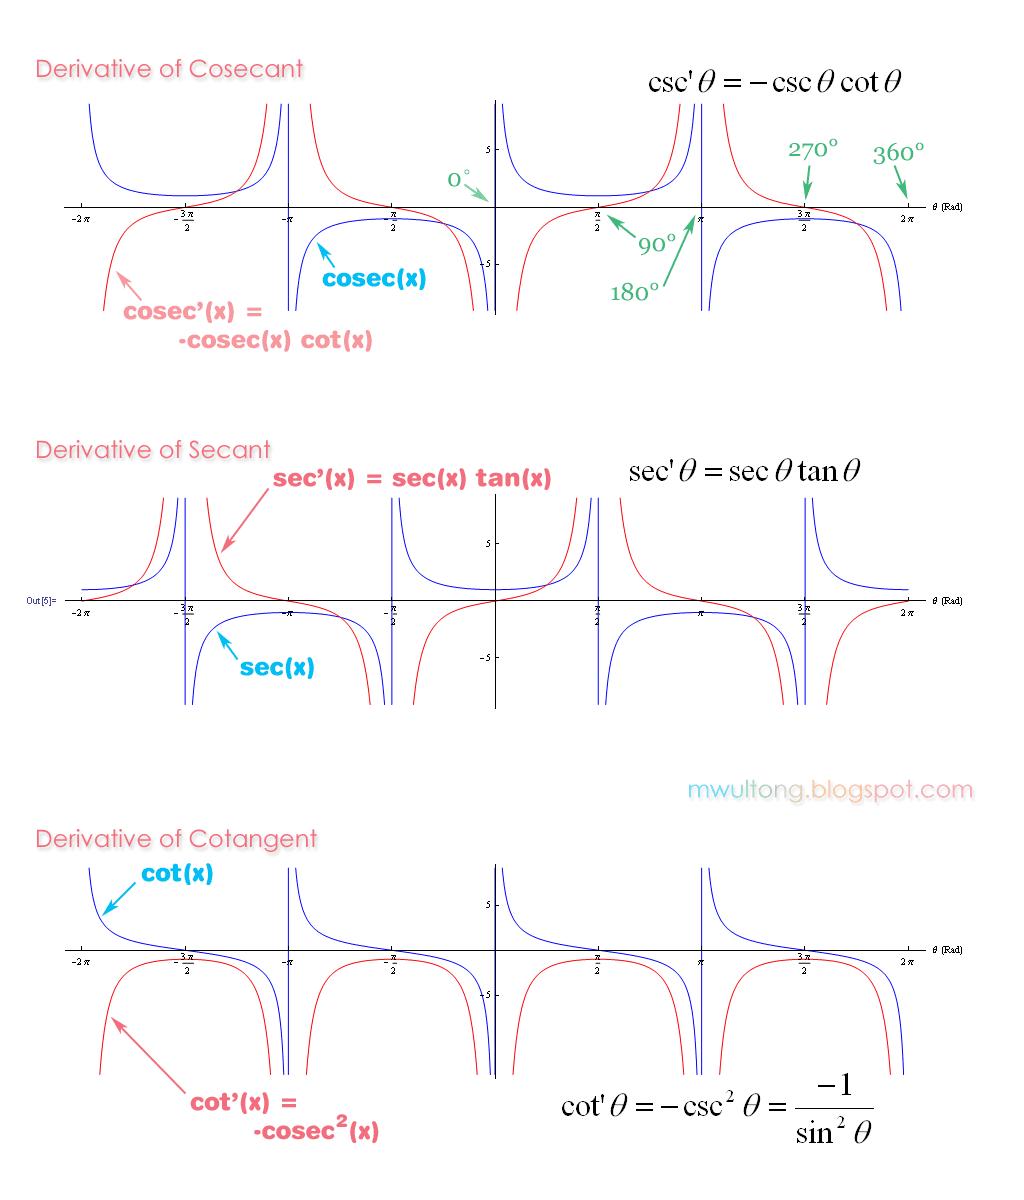 Cosec Csc Sec Cot, Derivative Graph